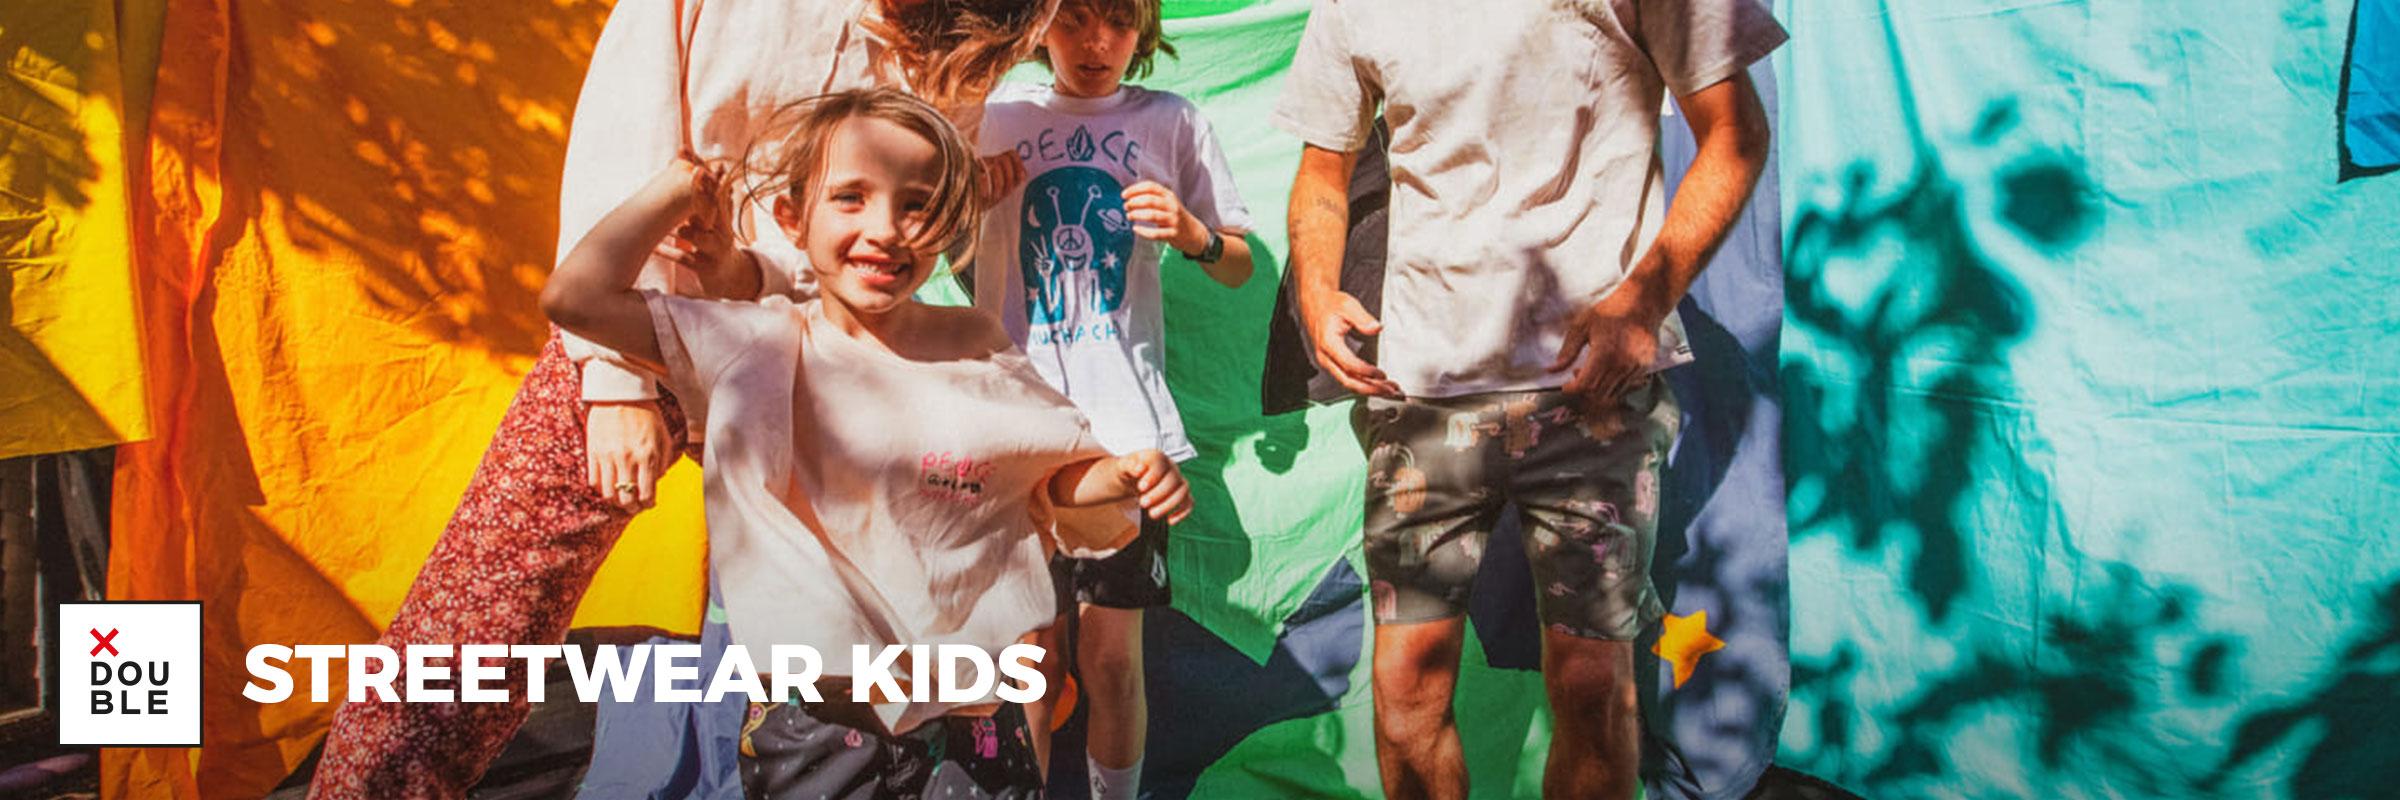 Streetwear Kids